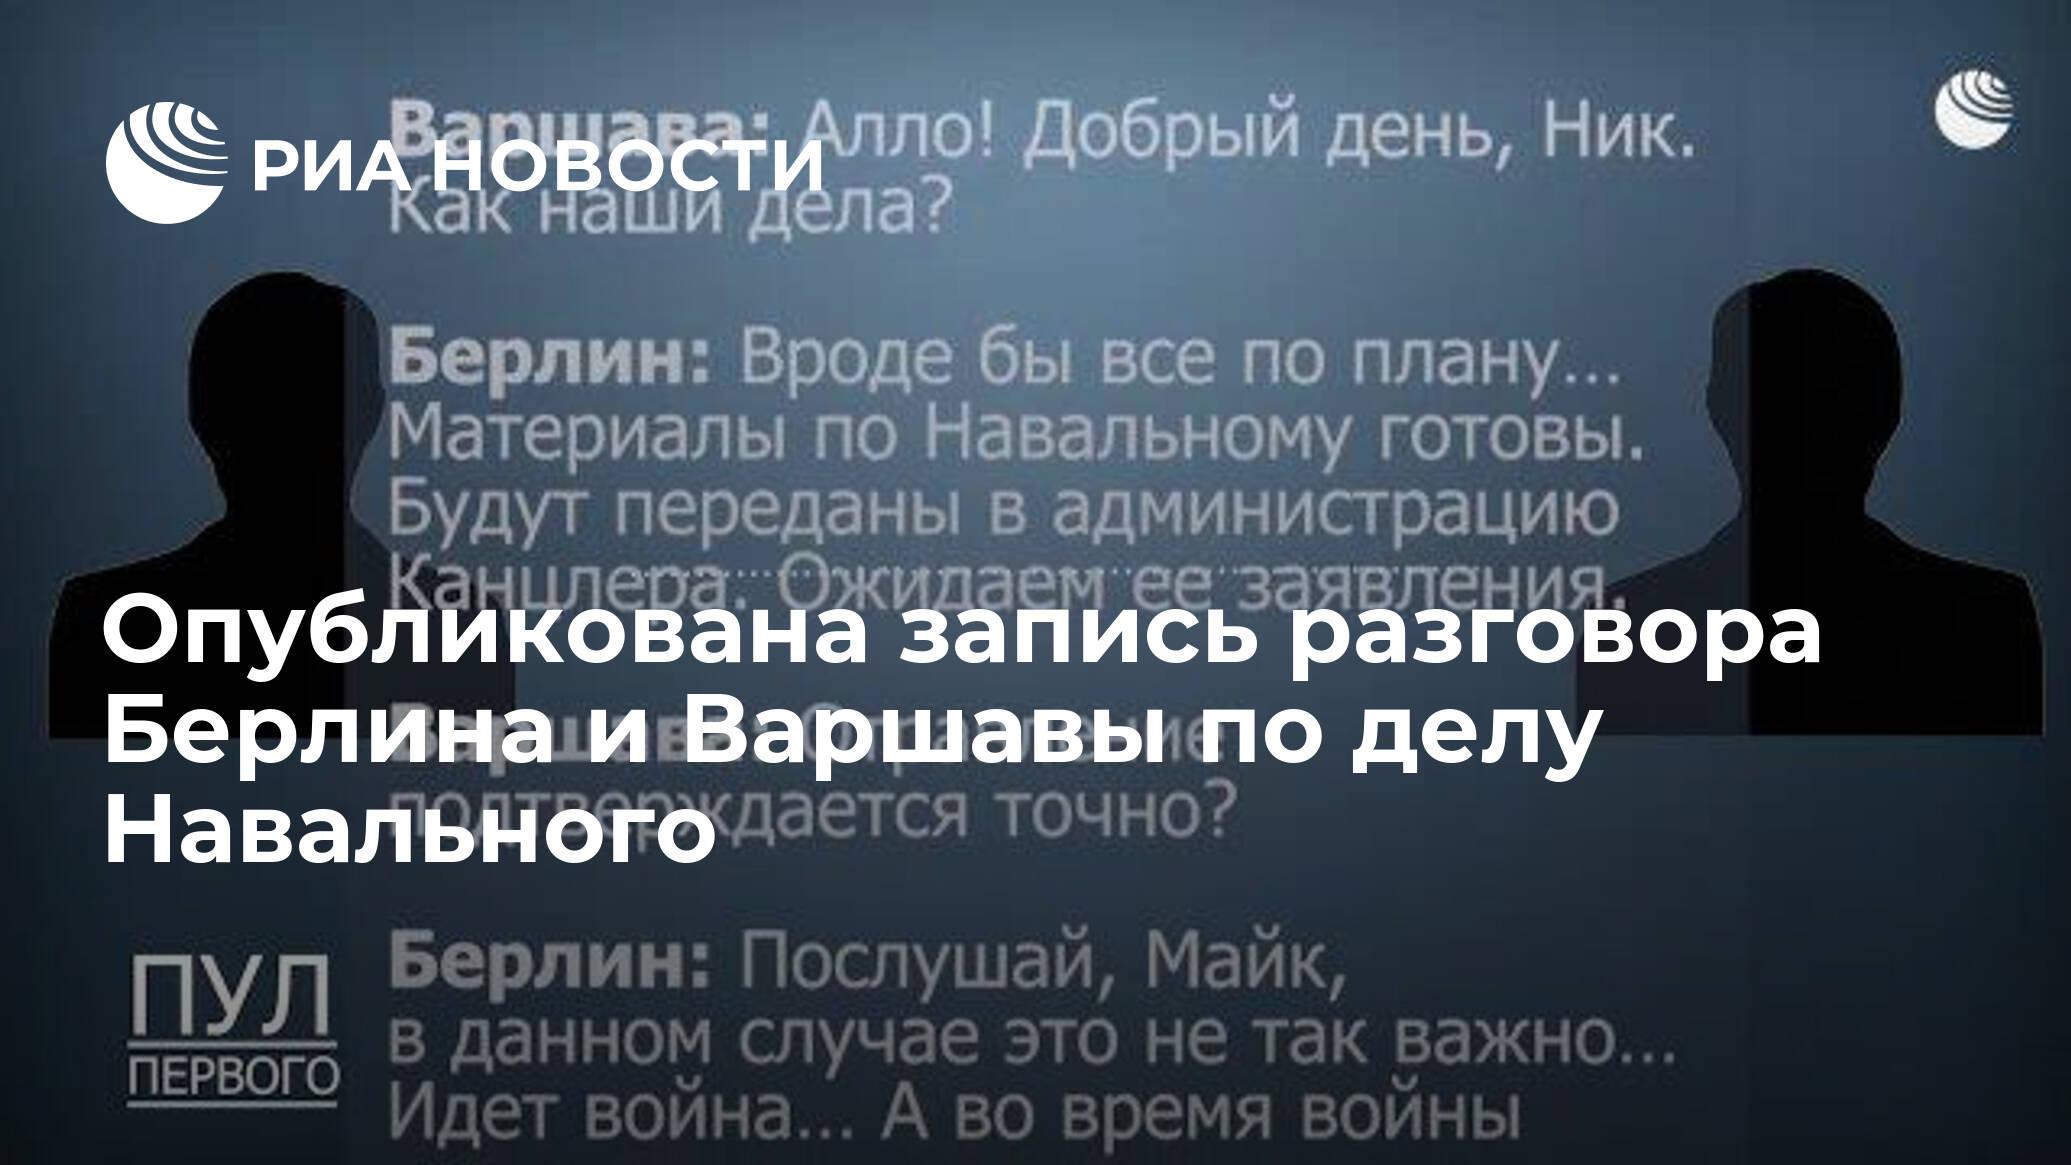 Опубликована запись разговора Берлина и Варшавы по делу Навального